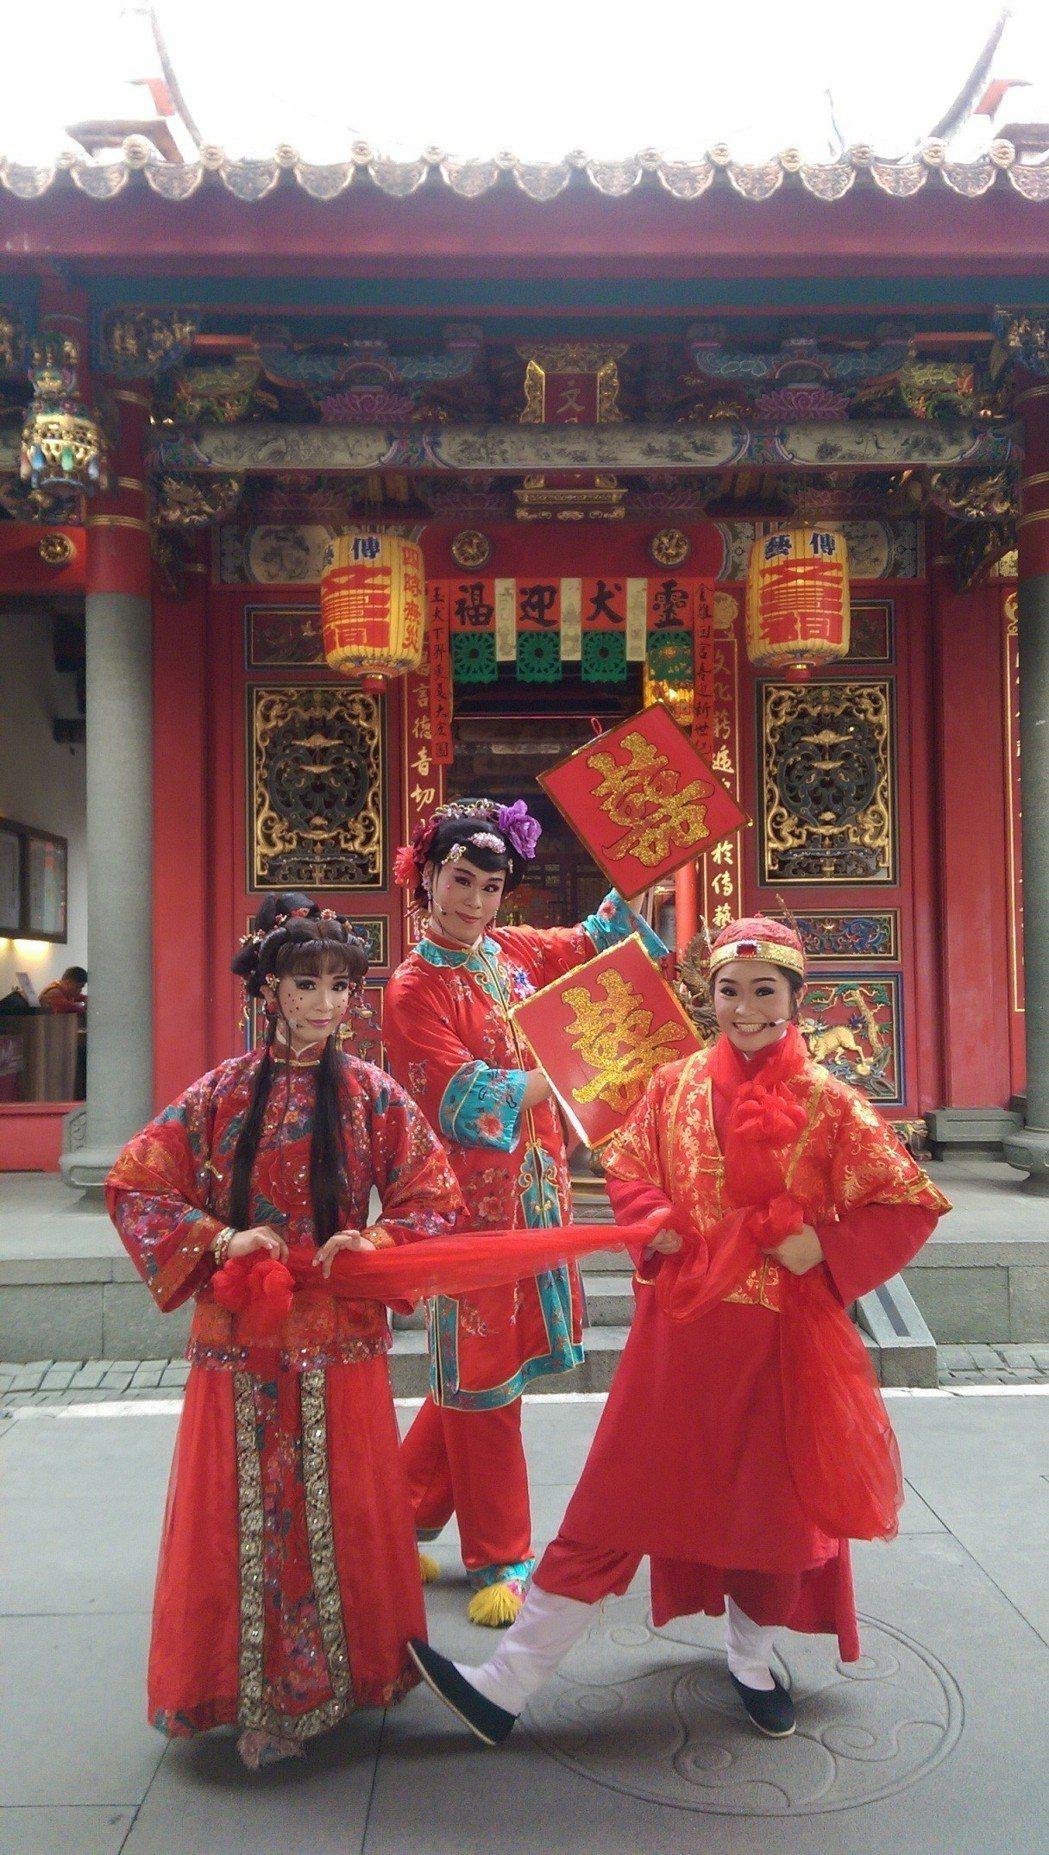 悟遠劇坊的龍鳳妙妙配是一齣詼諧逗趣小品歌仔戲。圖/全聯善美的文化藝術基金會提供